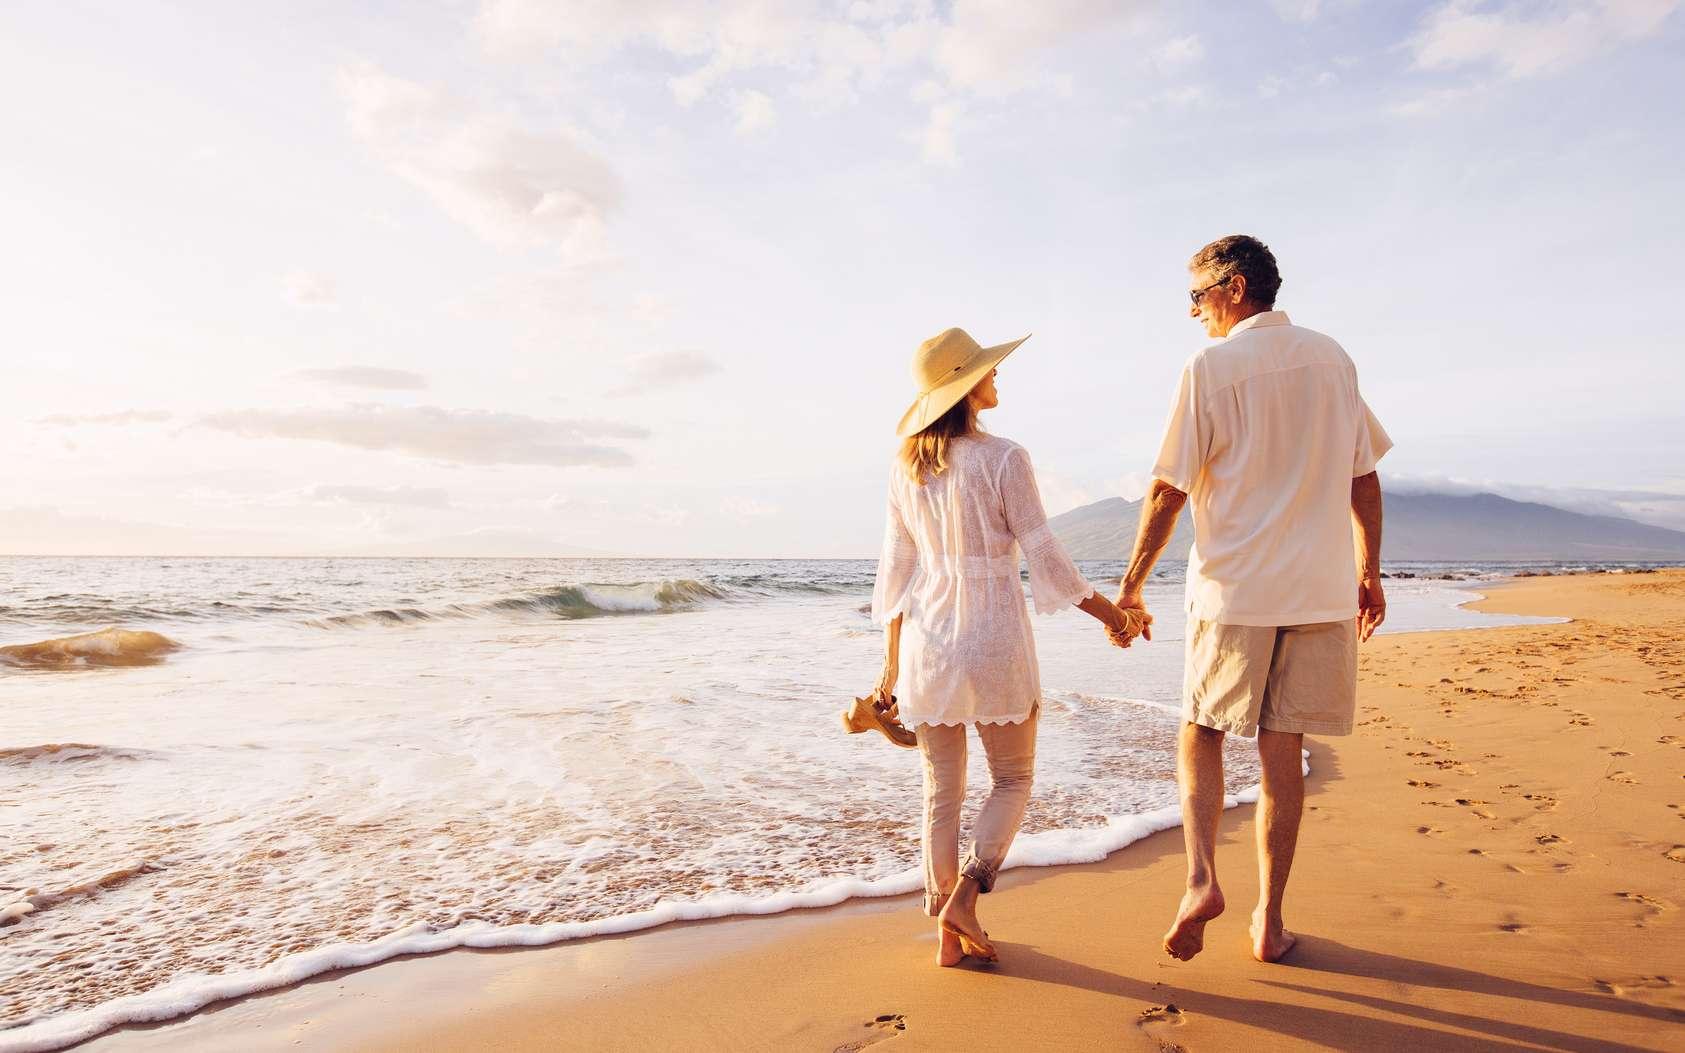 Attendre d'avoir son diplôme pour se marier : le bon choix pour la santé, et pour le couple ? © EpicStockMedia, Fotolia